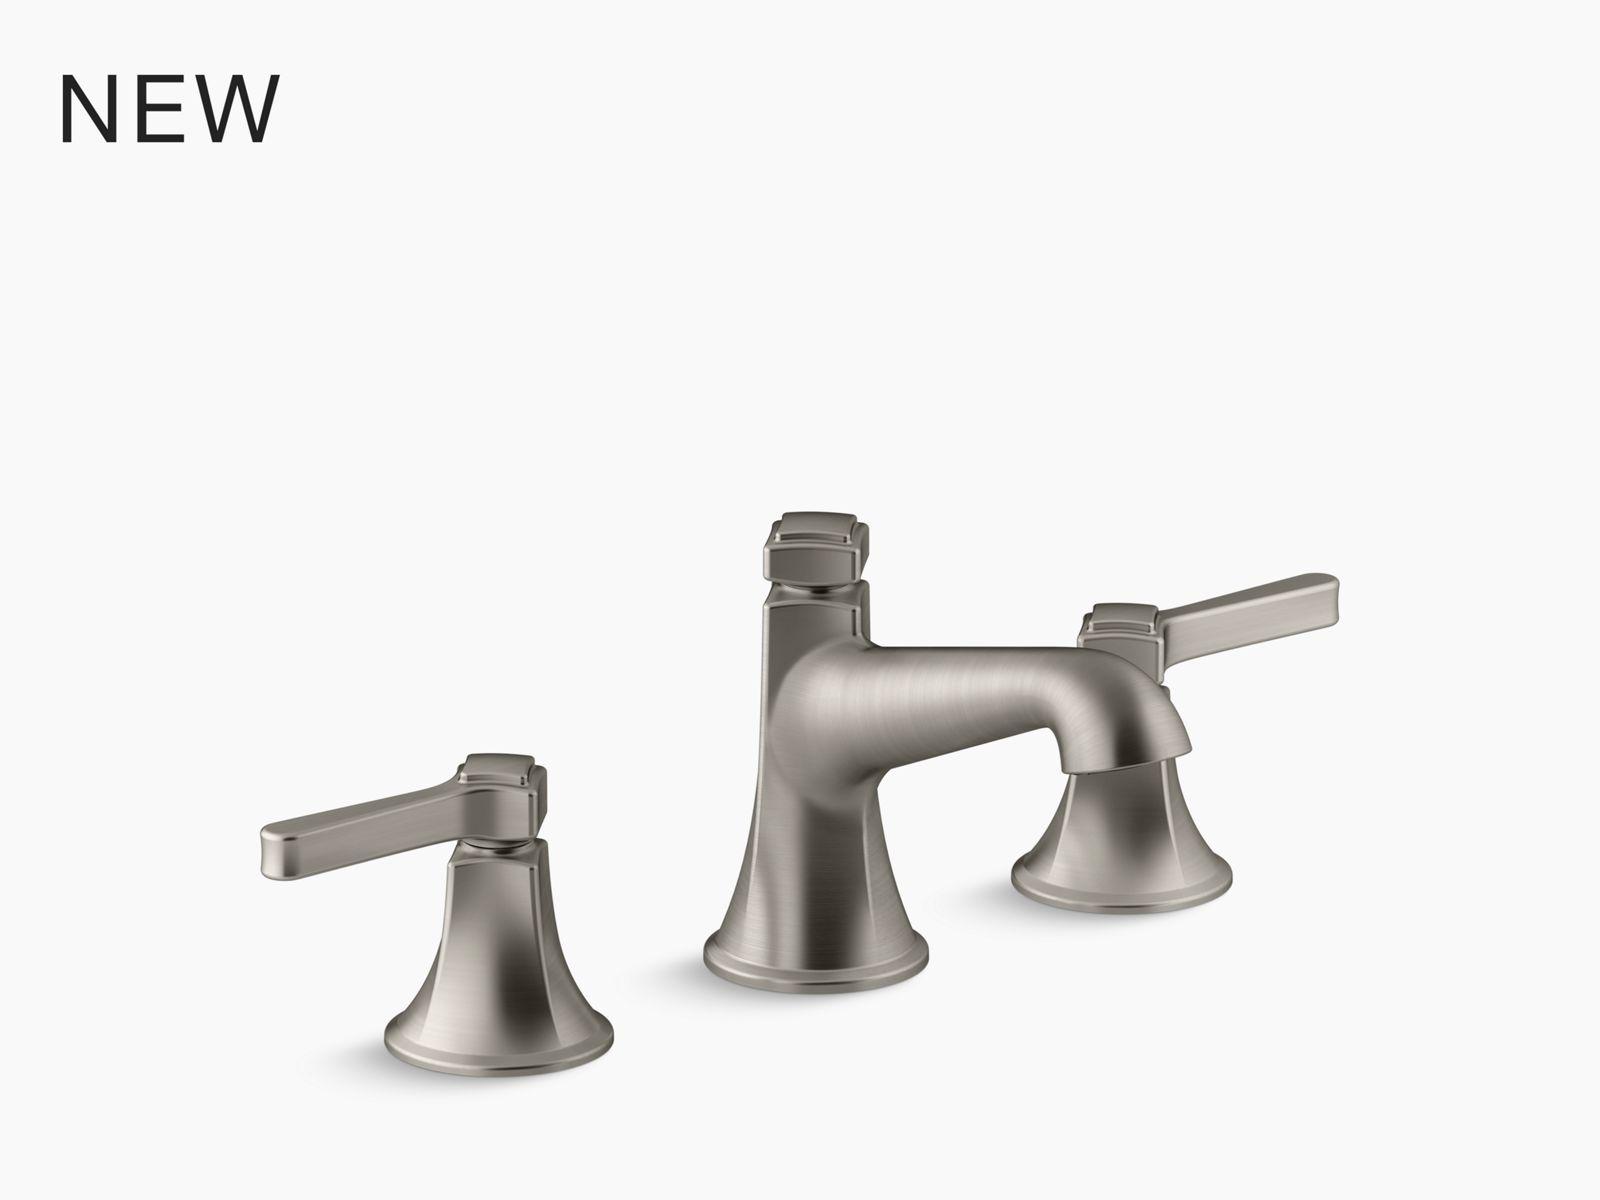 devonshire 16 7 8 undermount bathroom sink